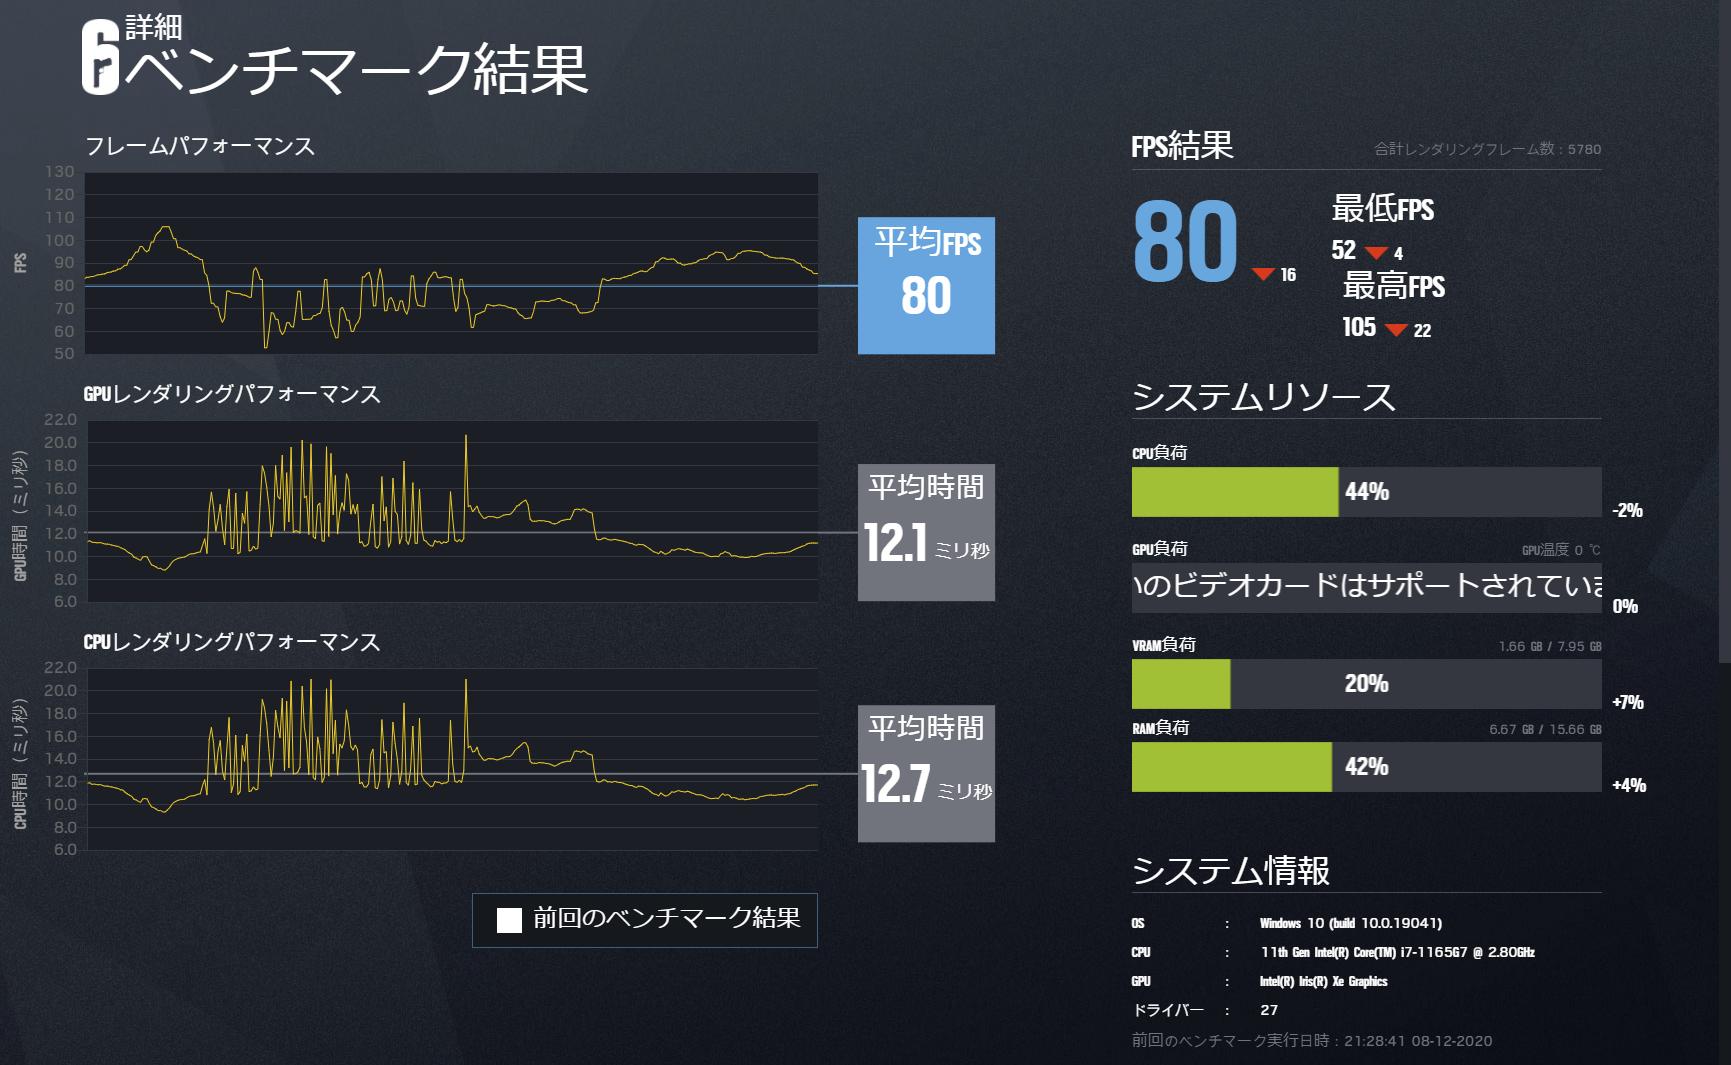 描画品質「中」のベンチマーク結果。最低でも52fpsなのので、ほとんどのシーンで60fps以上で遊べることがデータからもわかる。